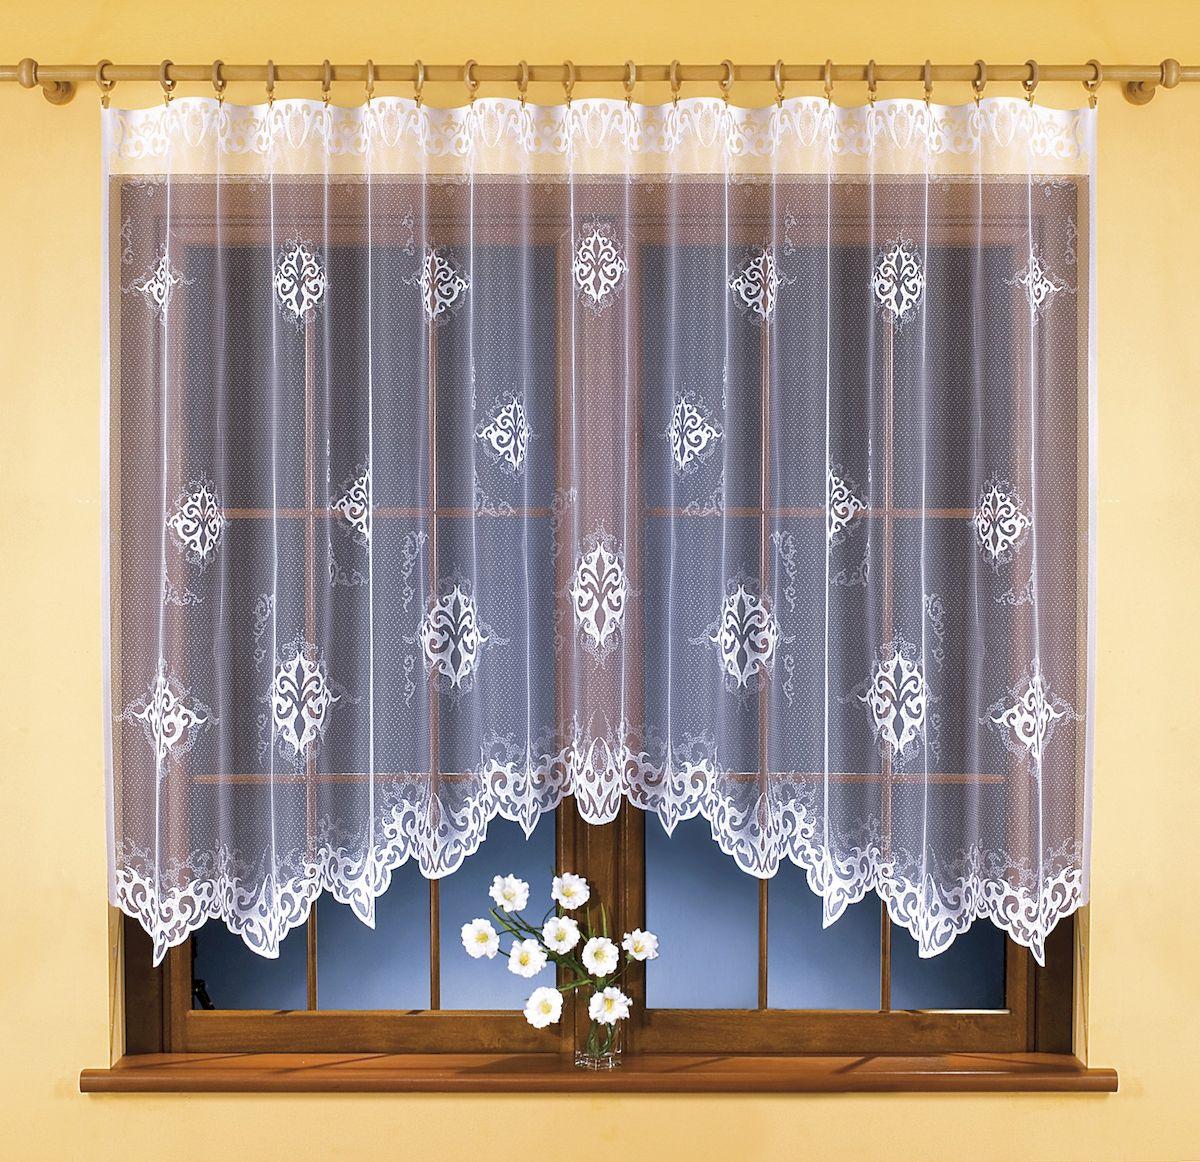 Гардина Wisan, цвет: белый, высота 150 см. 9853956251325Воздушная гардина-арка Wisan, изготовленная из 100% полиэстера, станет великолепным украшением любого окна. Изящный цветочный узор и текстура ткани привлекут к себе внимание и органично впишутся в интерьер комнаты. Оригинальное оформление гардины внесет разнообразие и подарит заряд положительного настроения.Крепится при помощи шторной ленты.